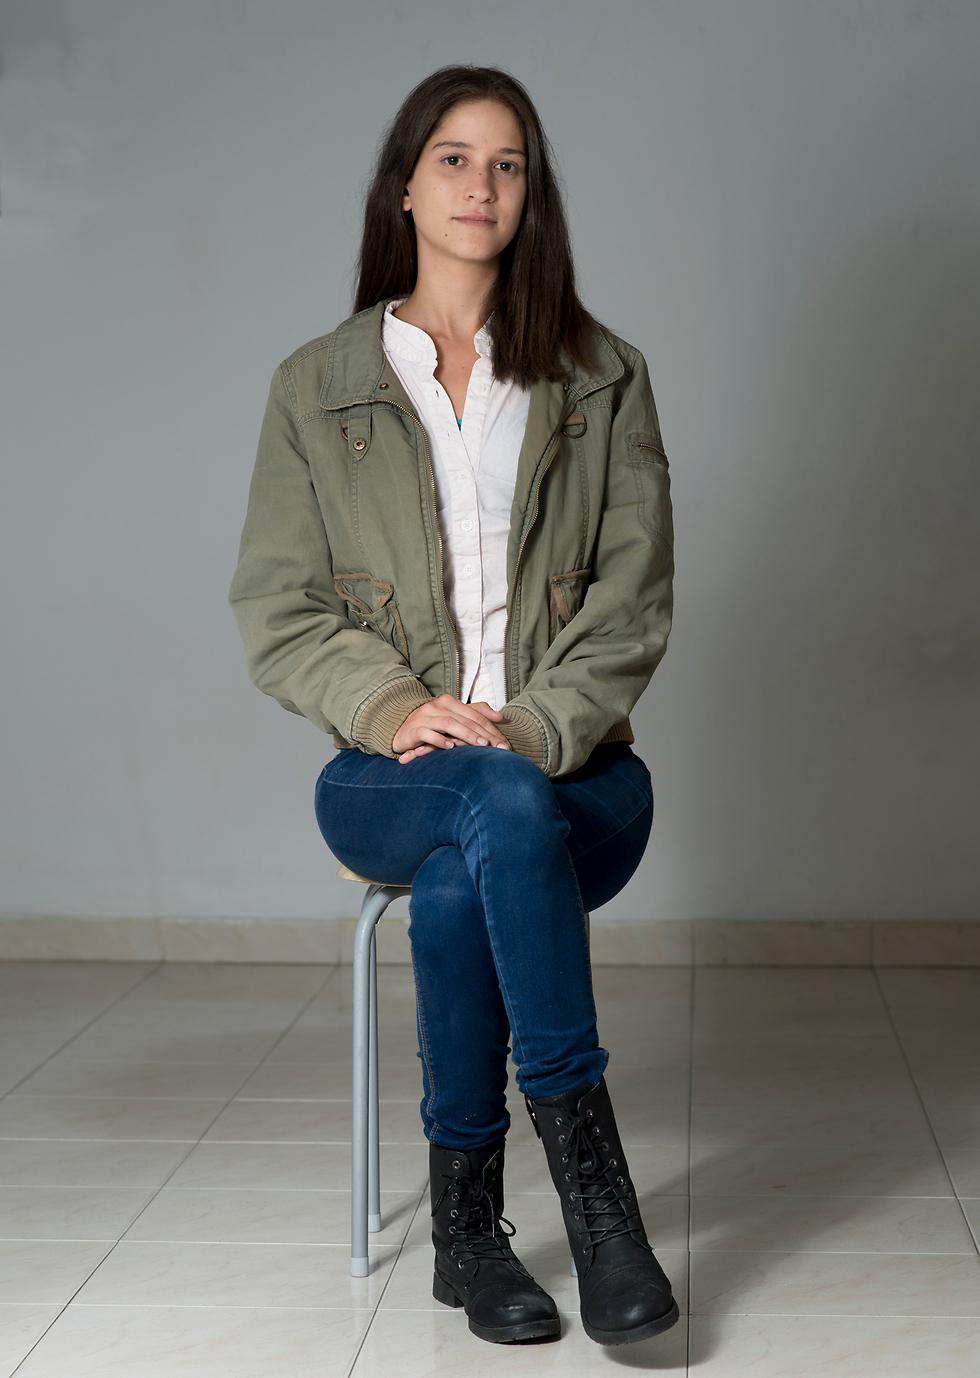 בר לביא, עוזרת ההוראה שהותקפה מינית (צילום: יובל חן) (צילום: יובל חן)